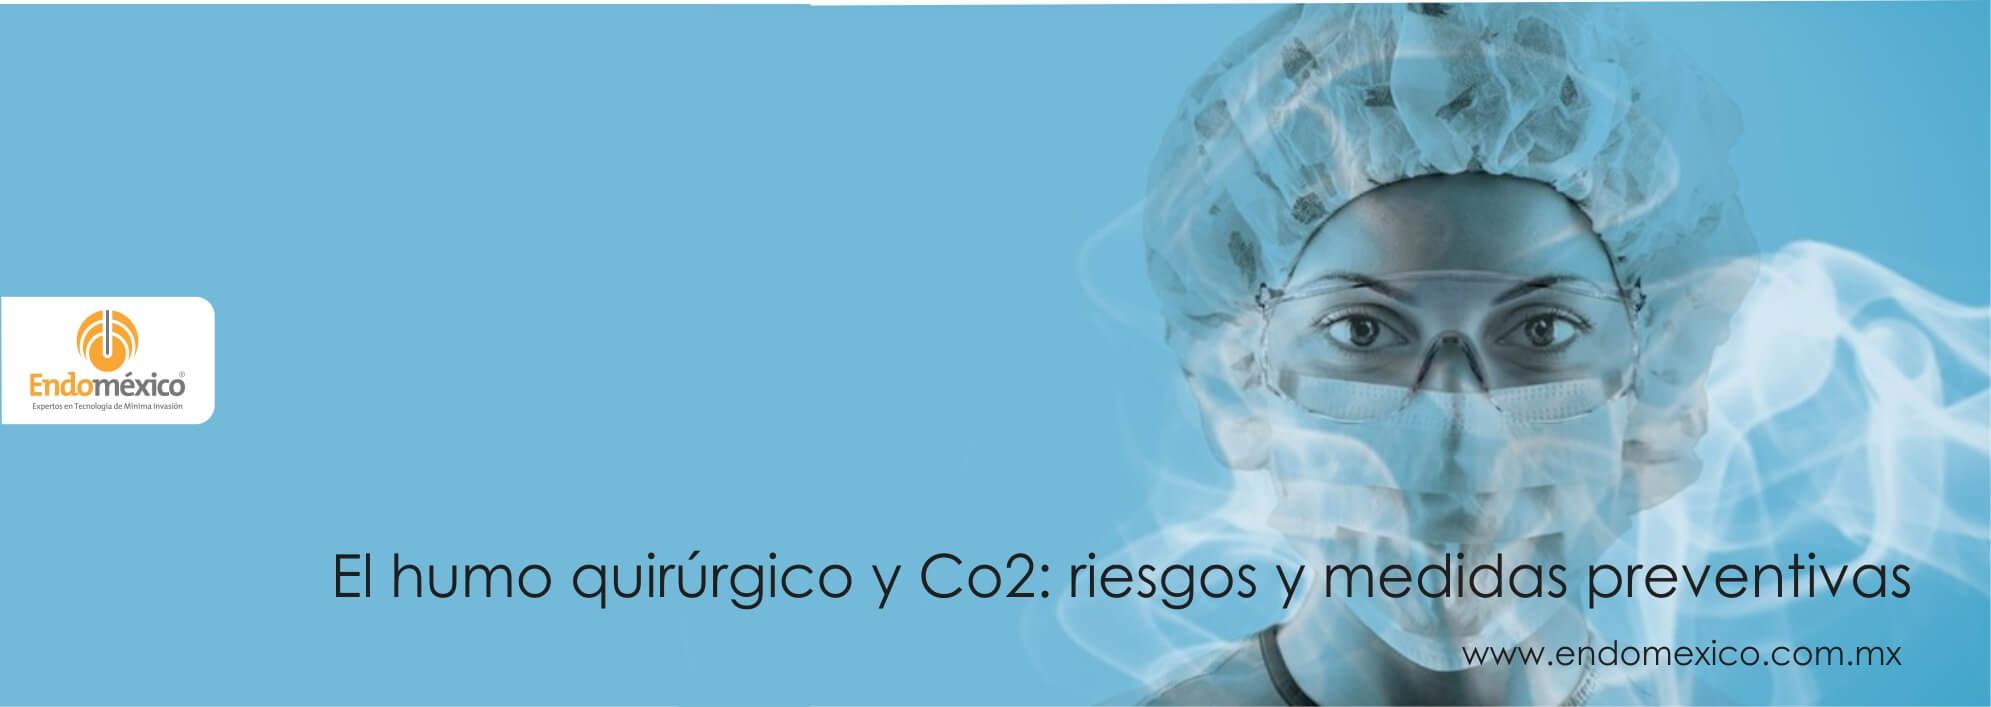 El humo quirúrgico y CO2: riesgos y medidas preventivas